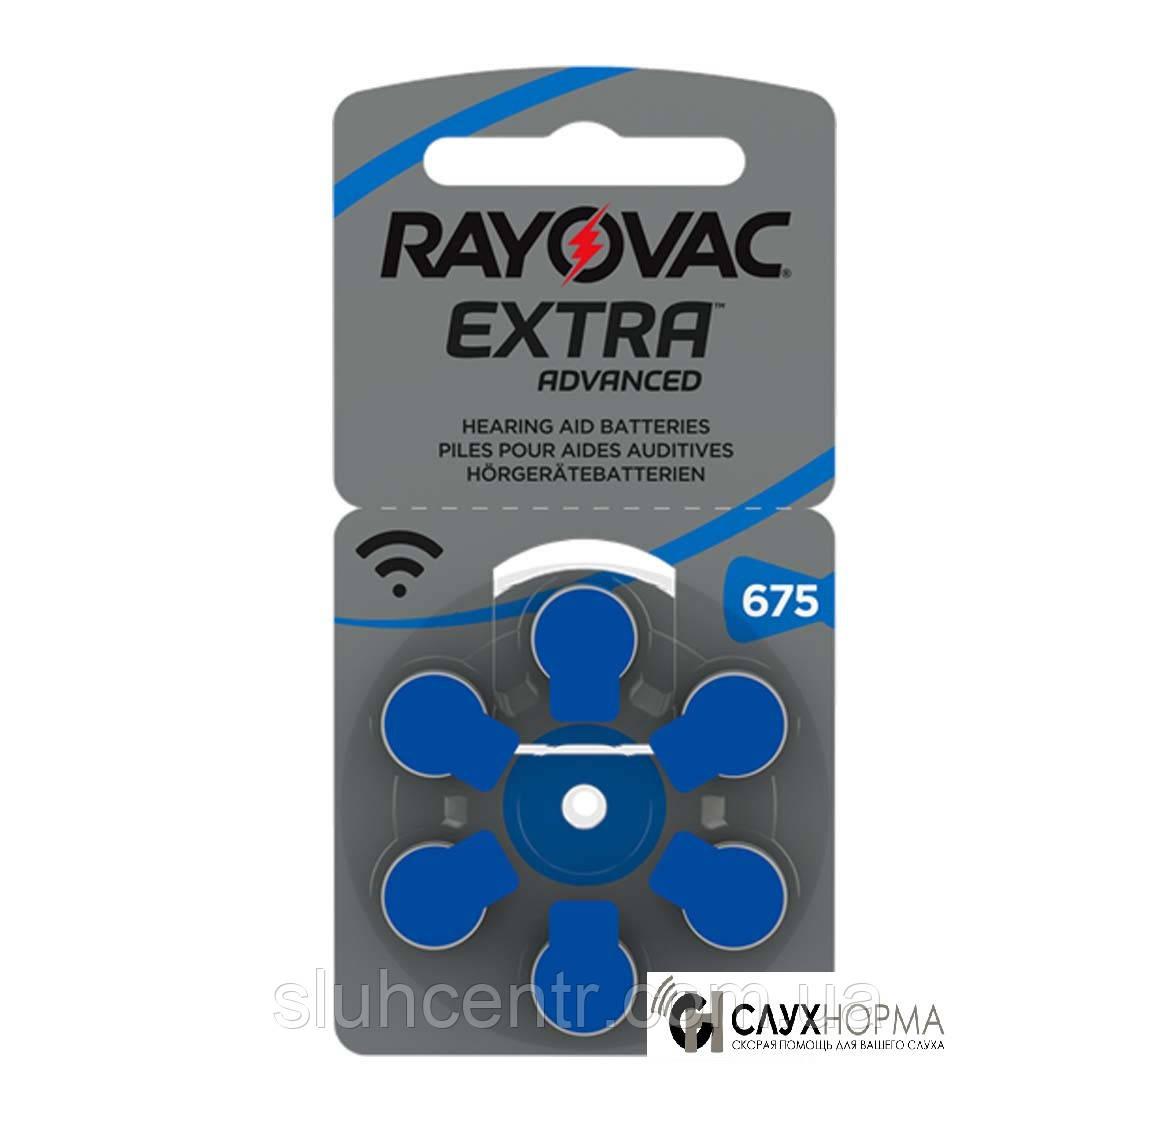 Батарейки RAYOVAC EXTRA ADVANCED 675, 6 шт./уп.